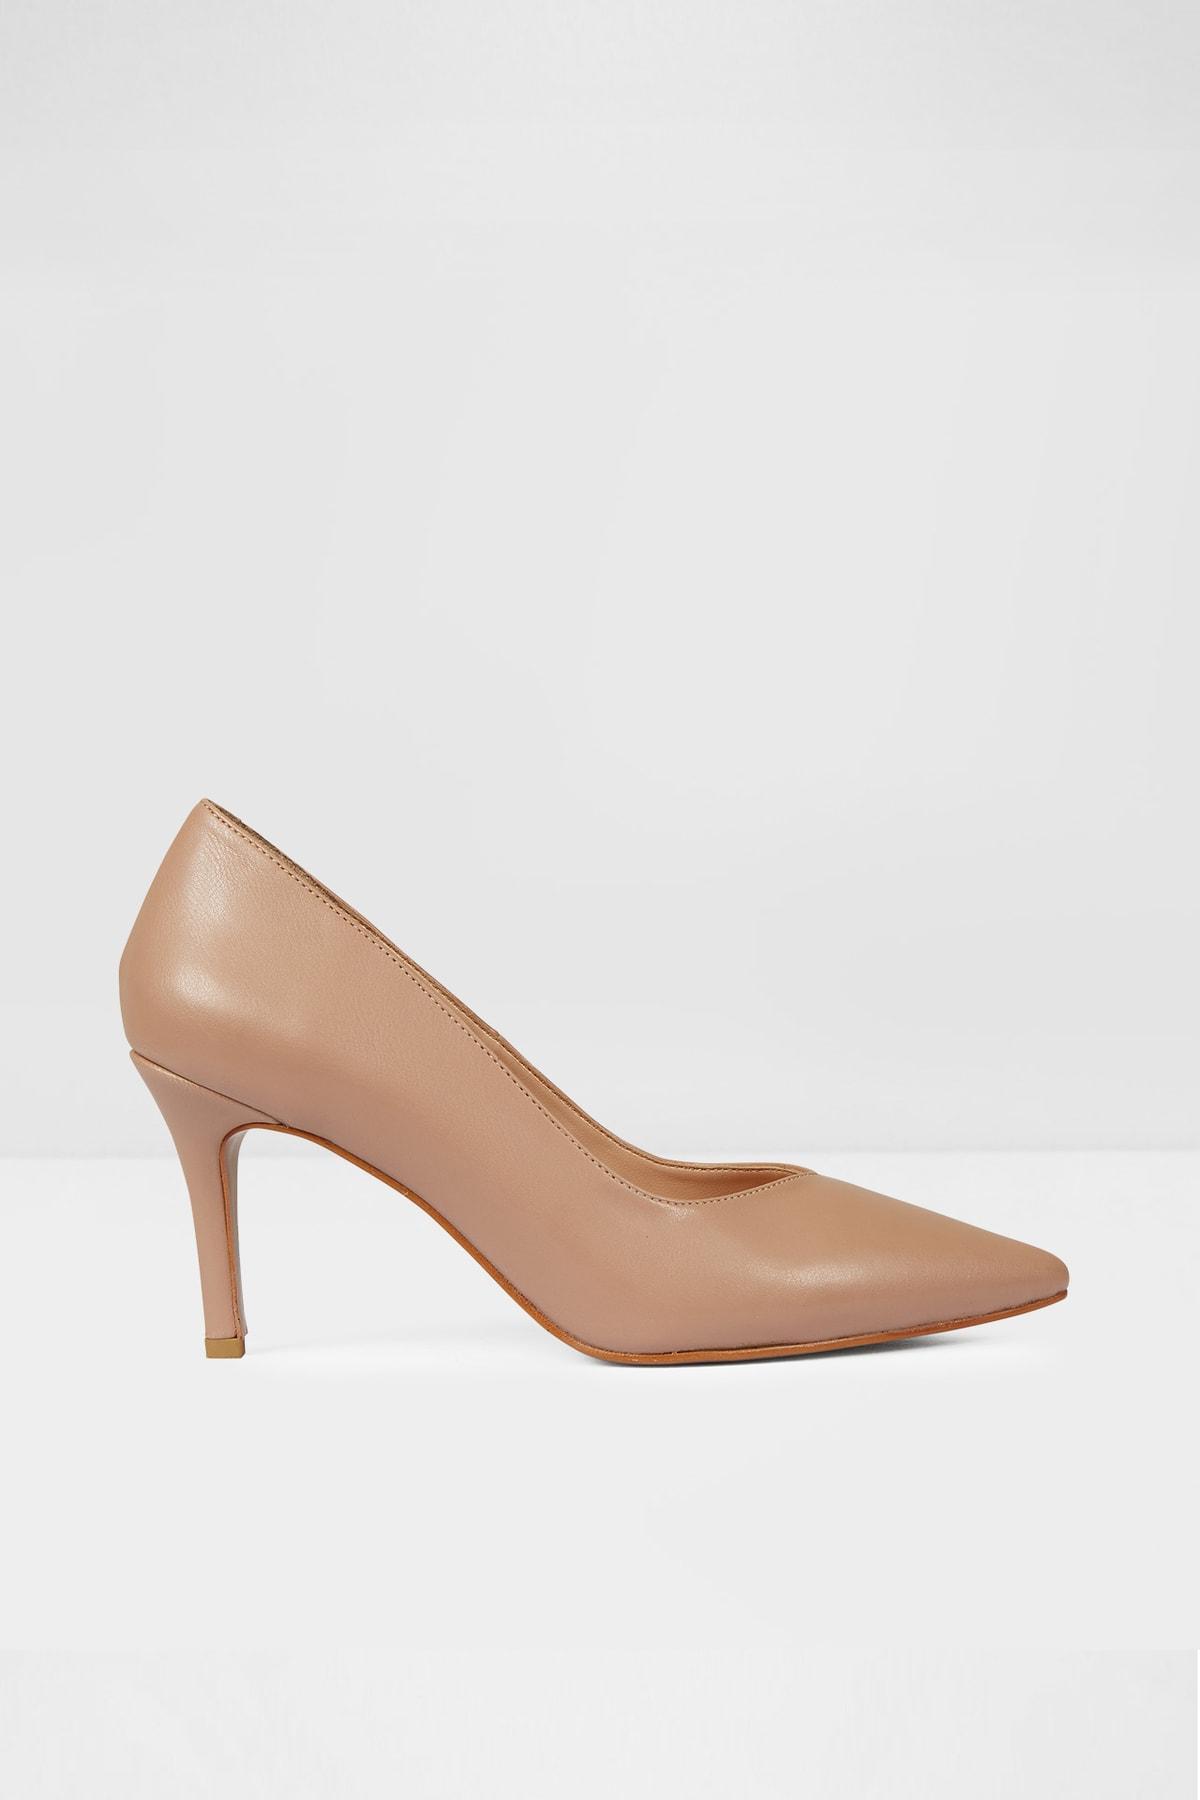 Aldo Kadın Bej Topuklu Ayakkabı 1